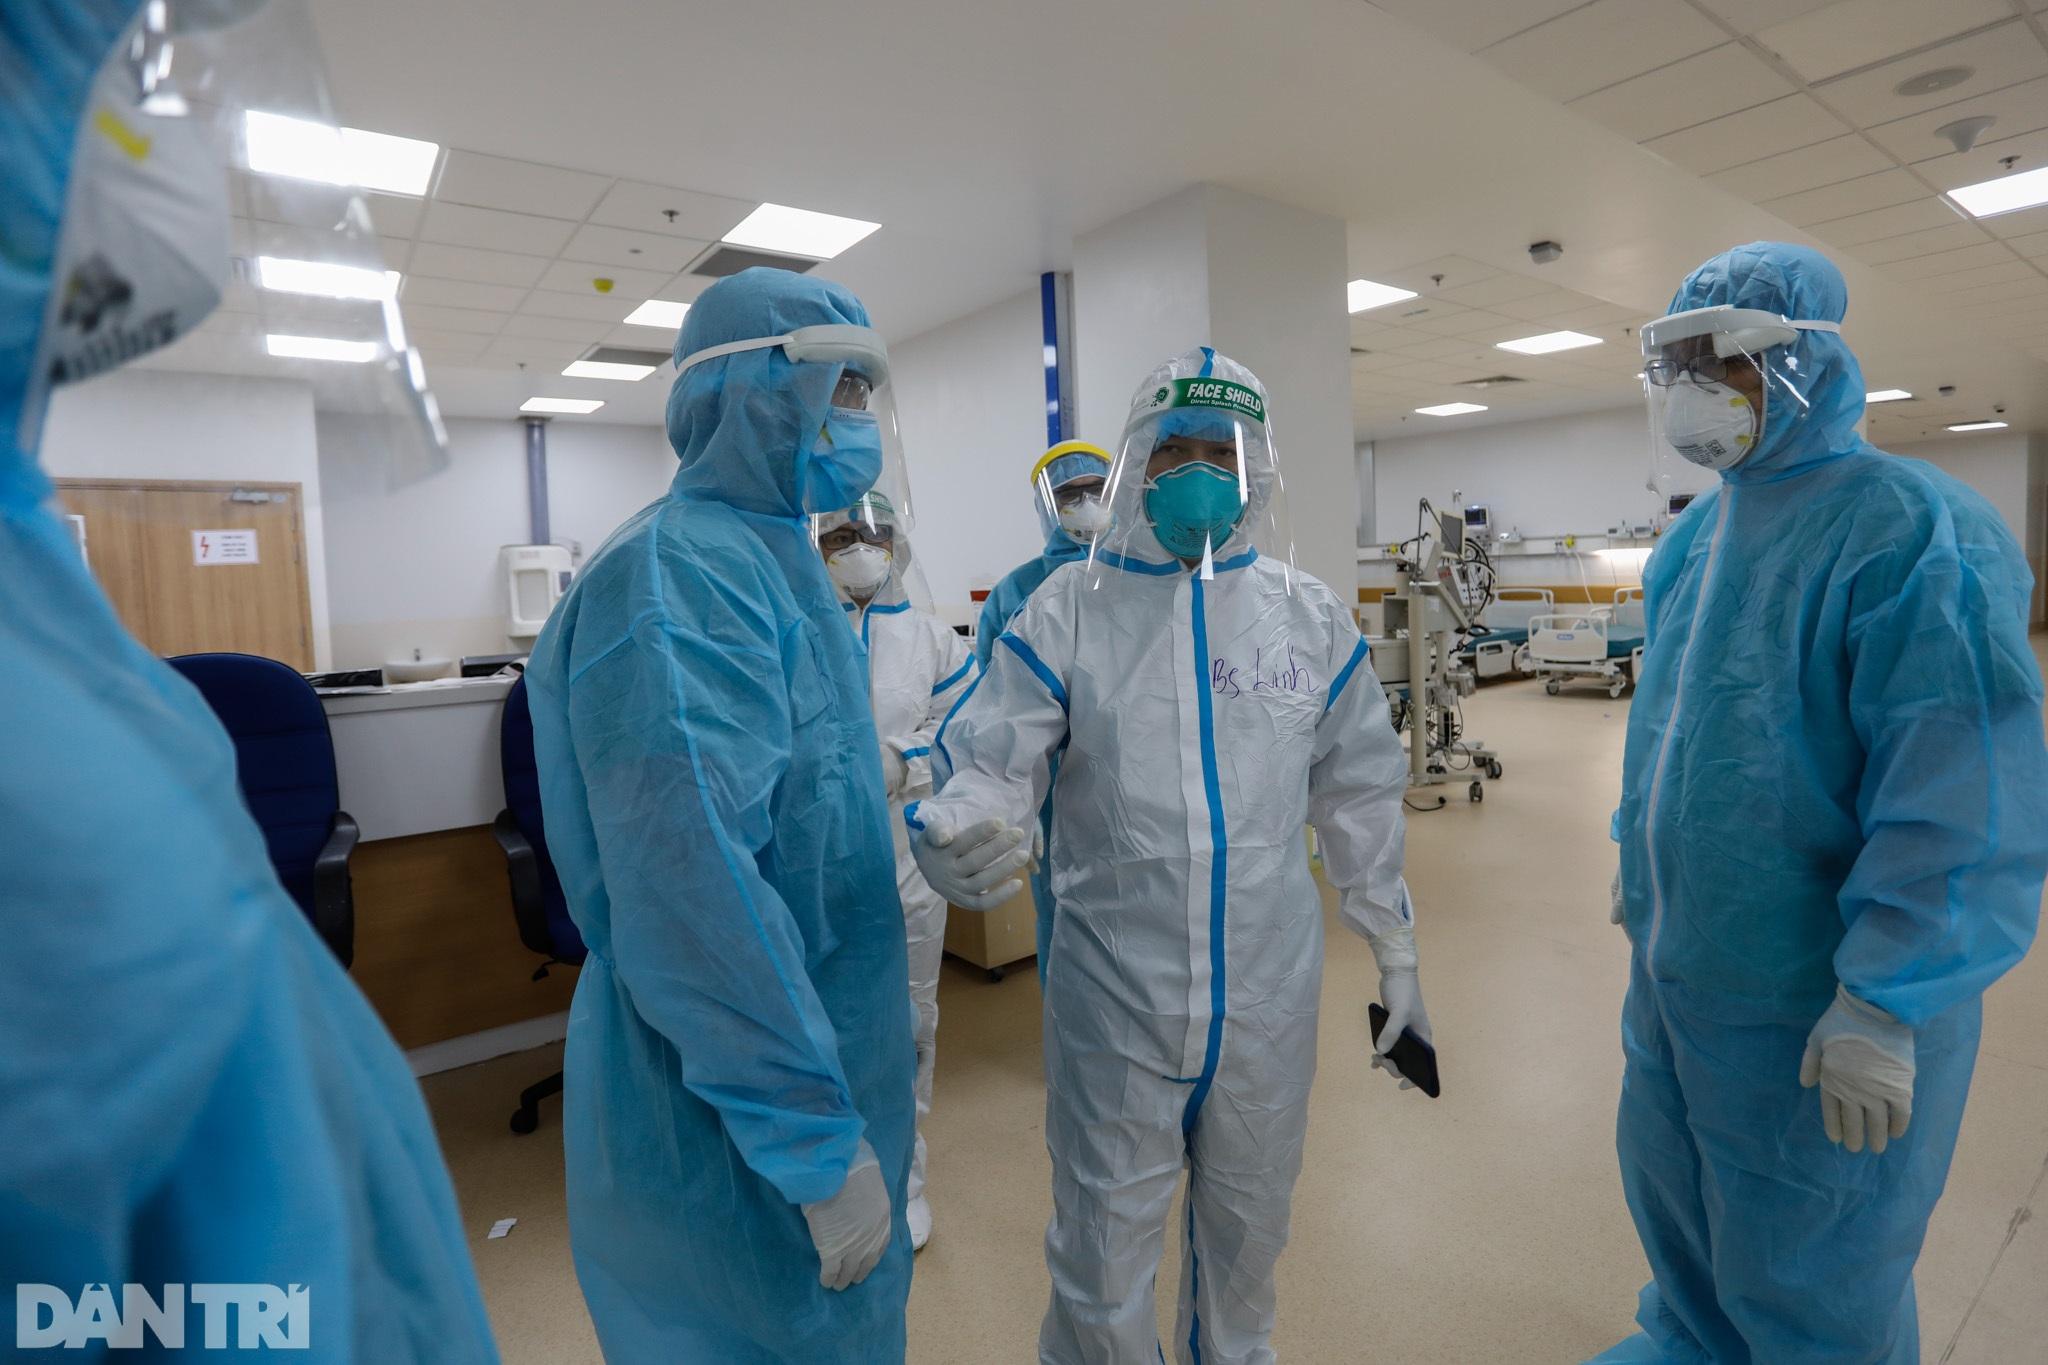 Bên trong Bệnh viện Hồi sức Covid-19 quy mô 1.000 giường ở TPHCM - 15